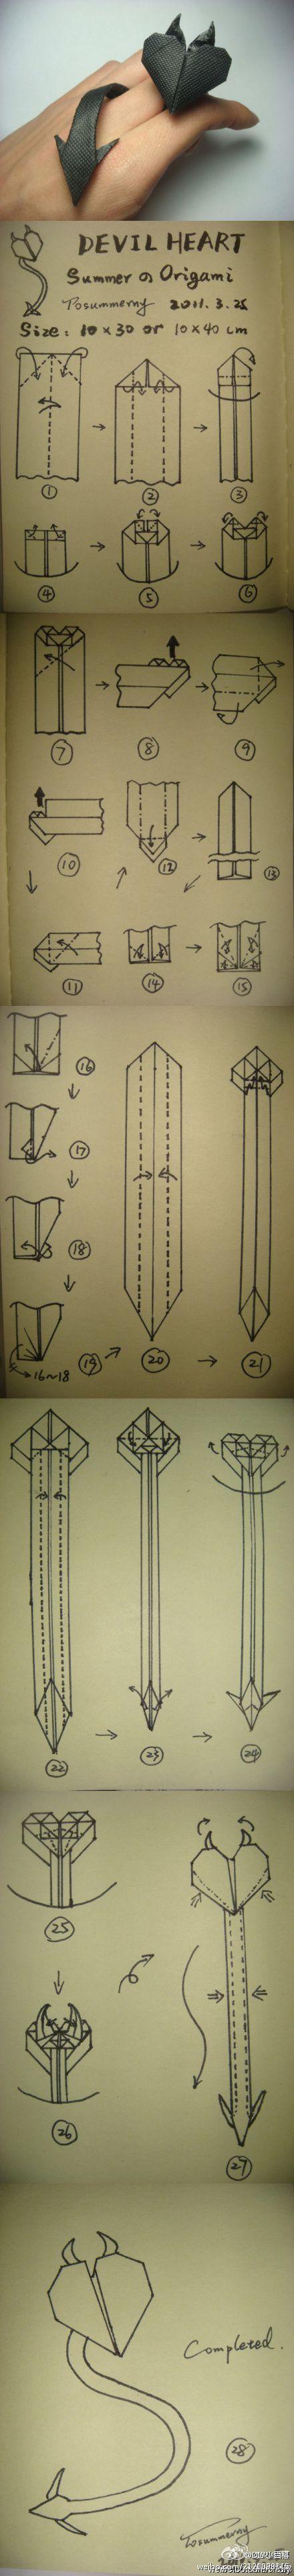 devil heart origami